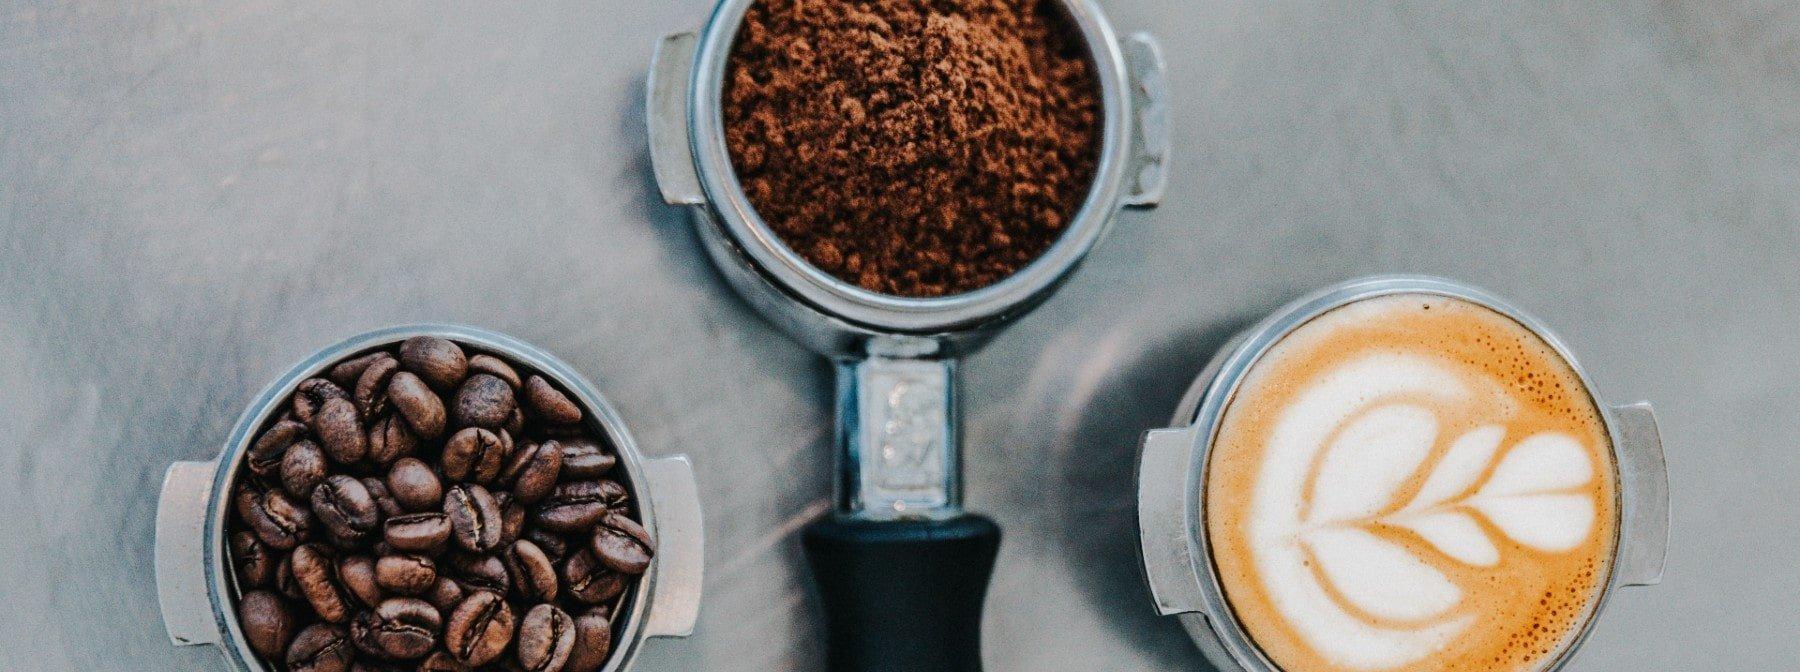 Jaké jsou benefity kofeinu? Měli byste se ho vzdát nebo stojí za ty benefity?